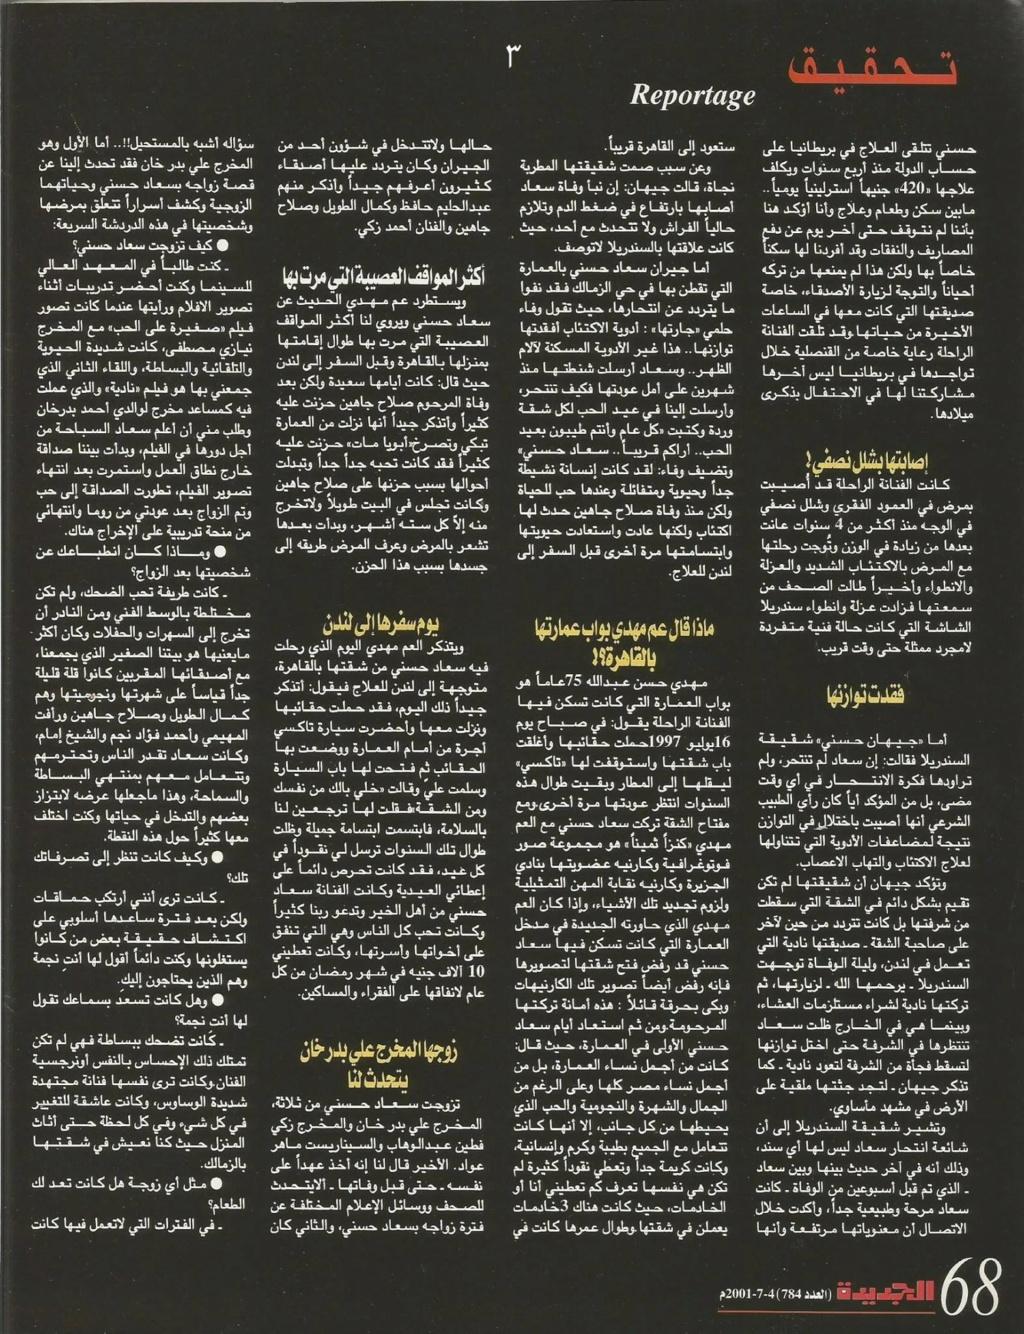 مقال - مقال صحفي : الجديدة من لندن إلى القاهرة تتابع النهاية المأساوية لسعاد حسني 2001 م 4107